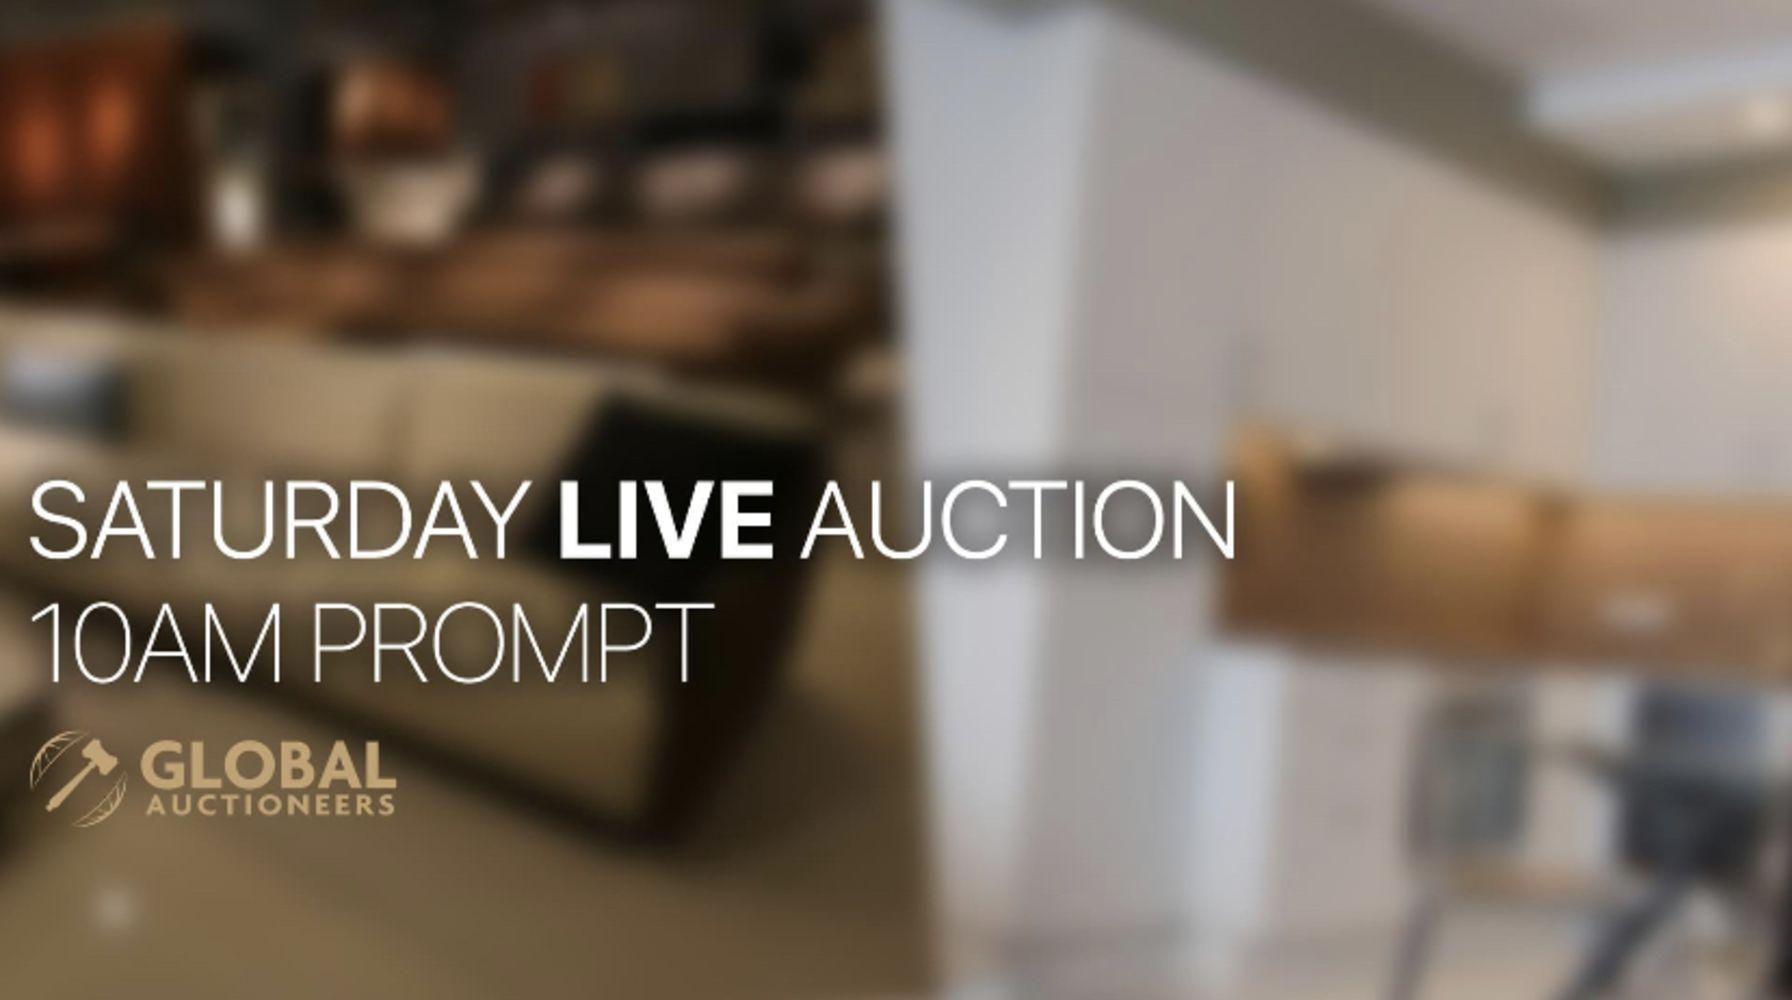 No Reserve - Live - Saturday Mega Auction!!! 17th April 2021